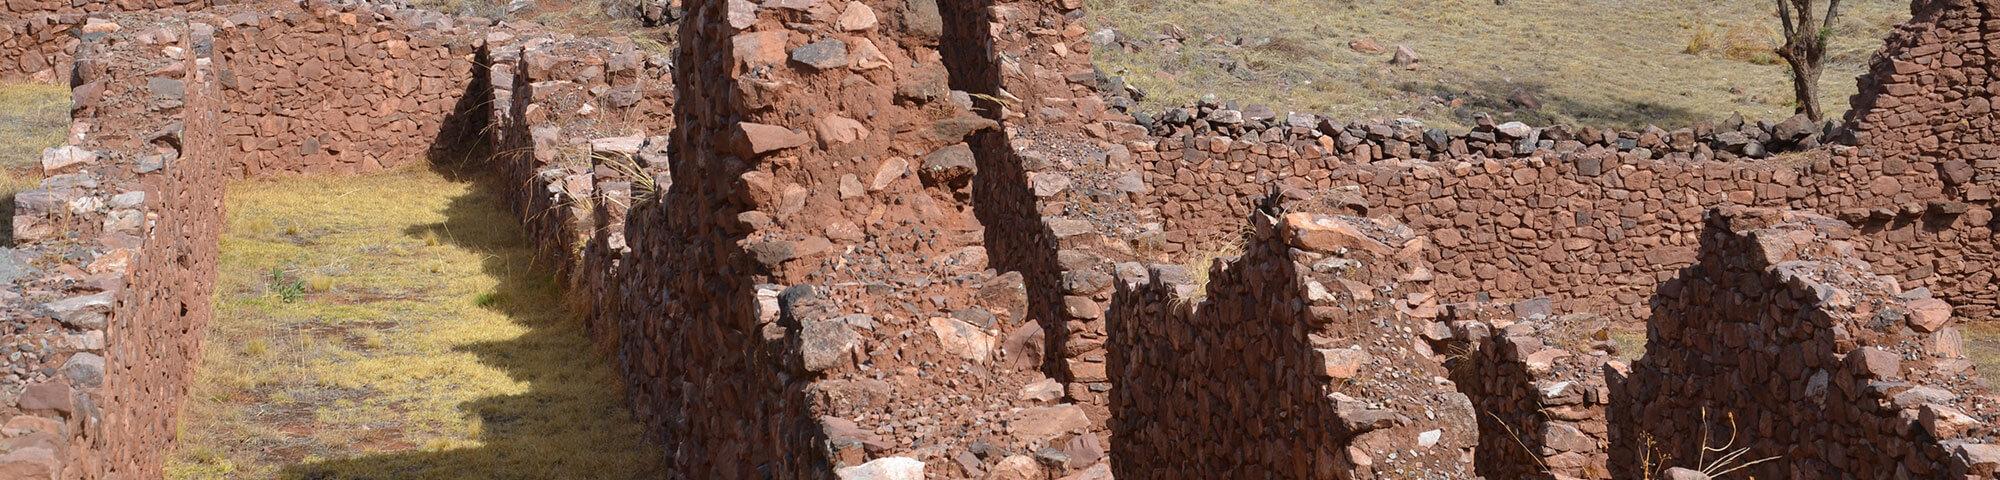 Parque Arqueológico de Pikillaqta